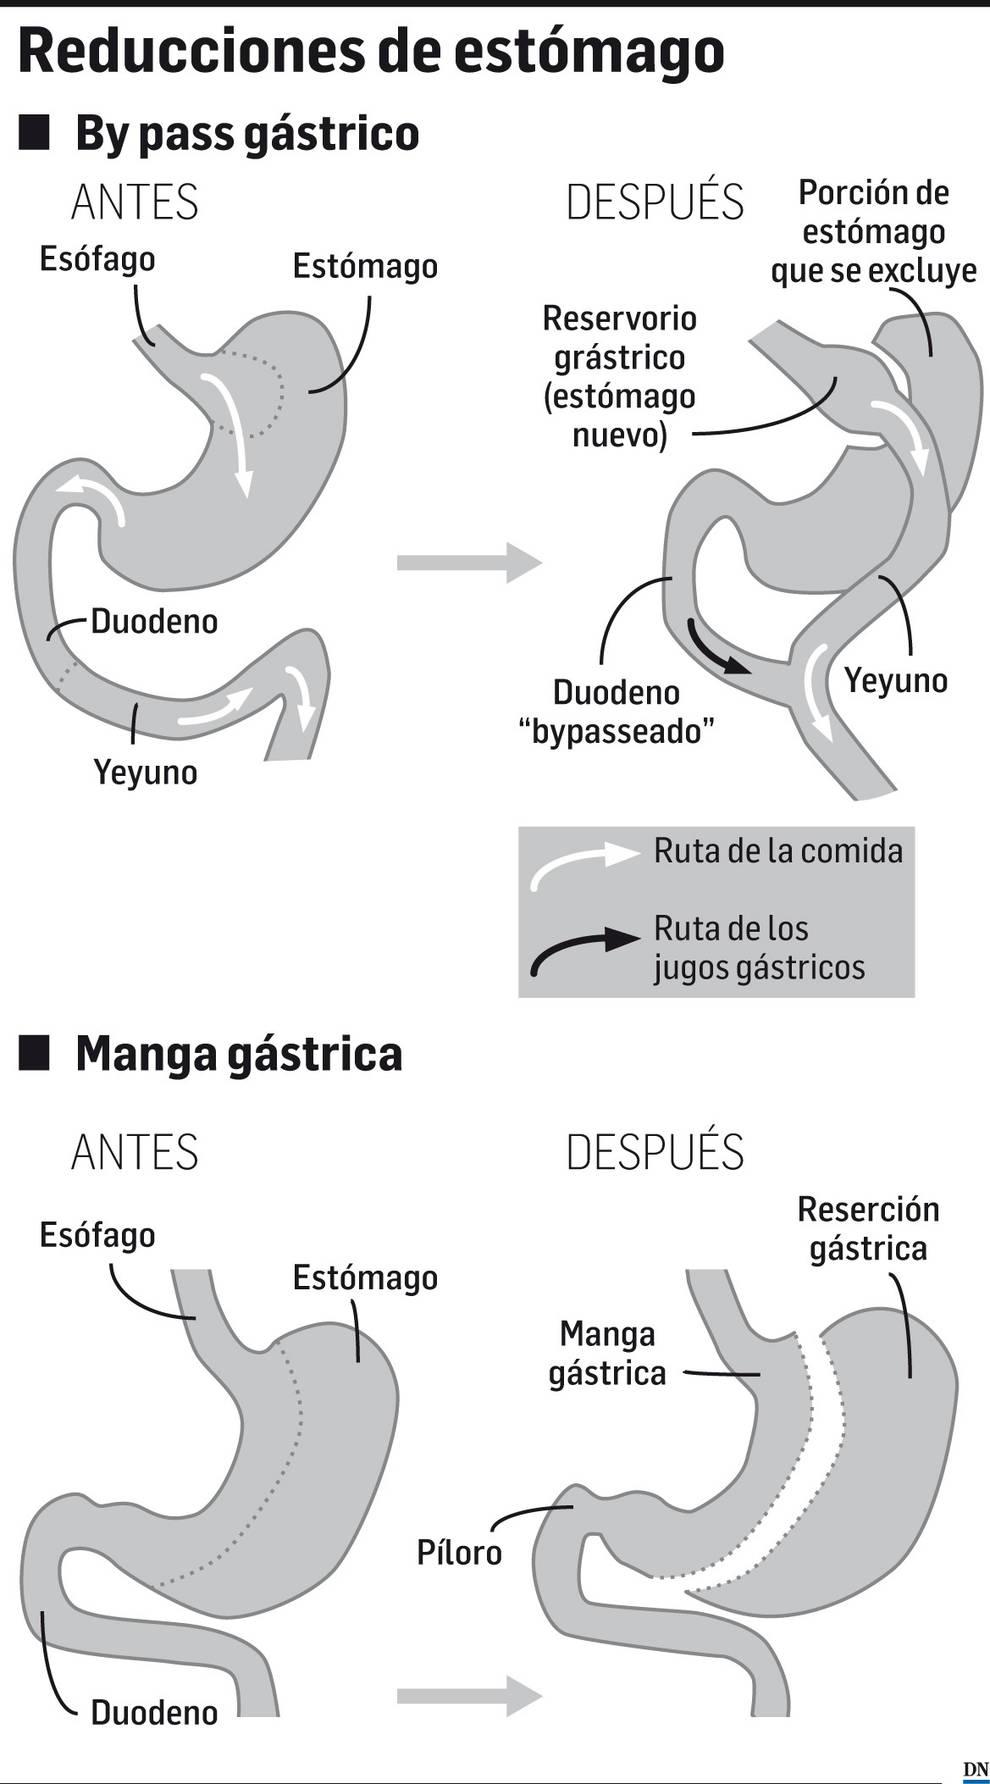 Métodos de reducciones de estómago